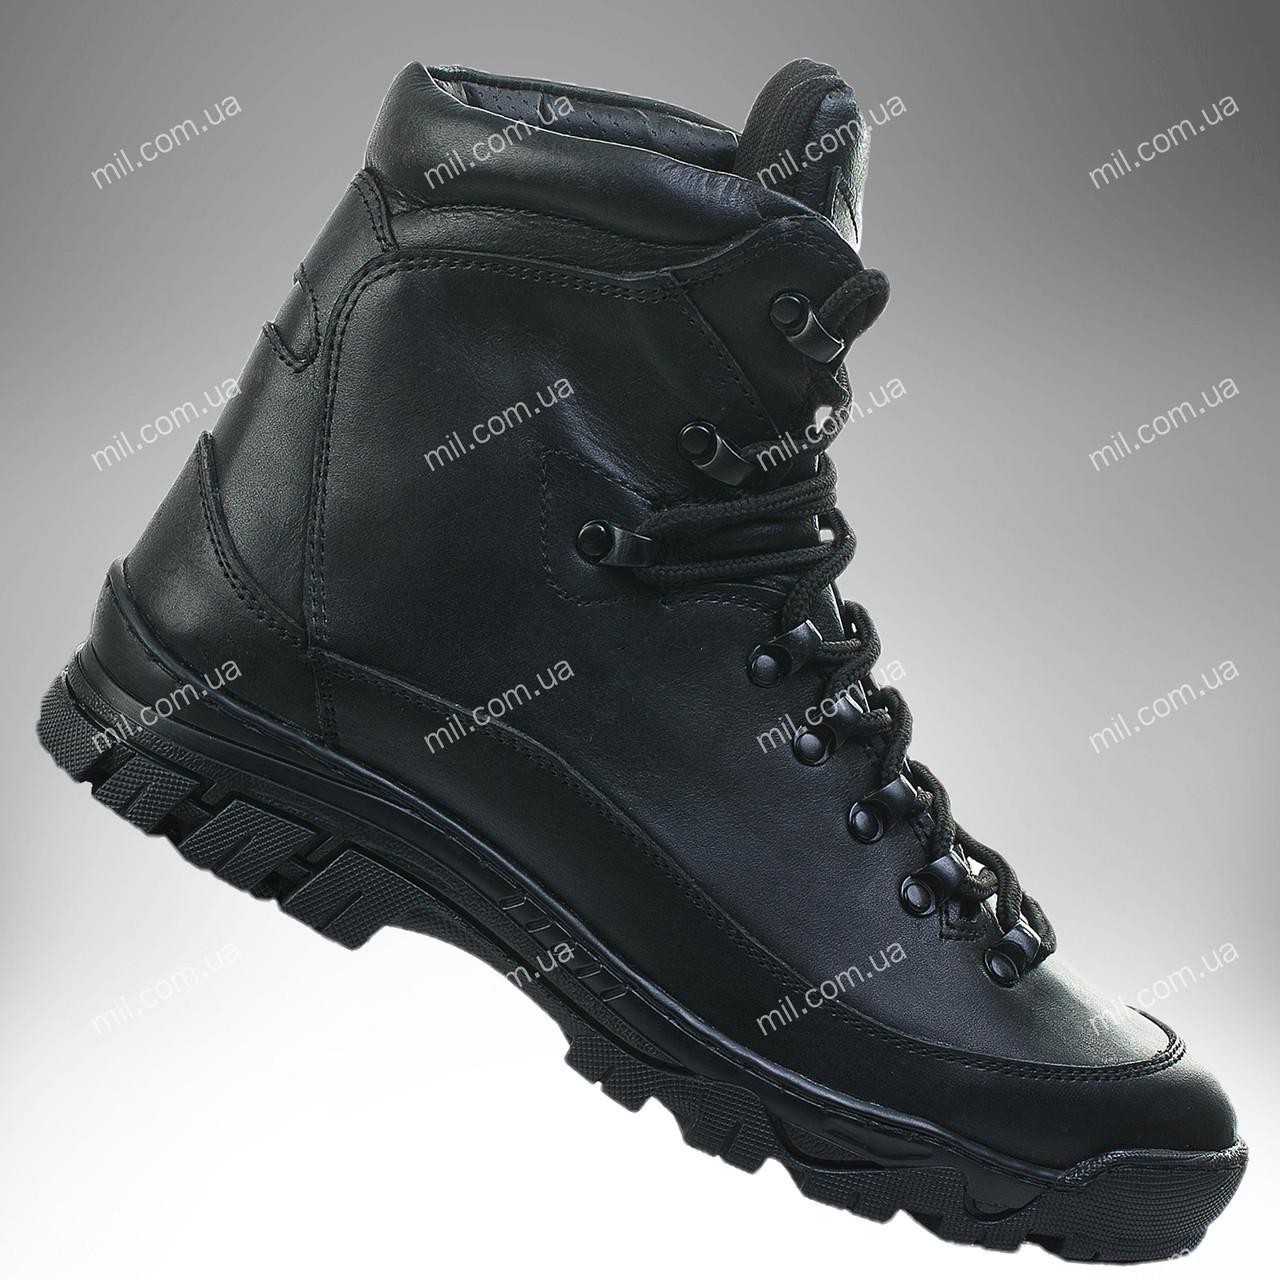 Армейские ботинки зимние / военная, тактическая обувь АНТЕЙ (black)